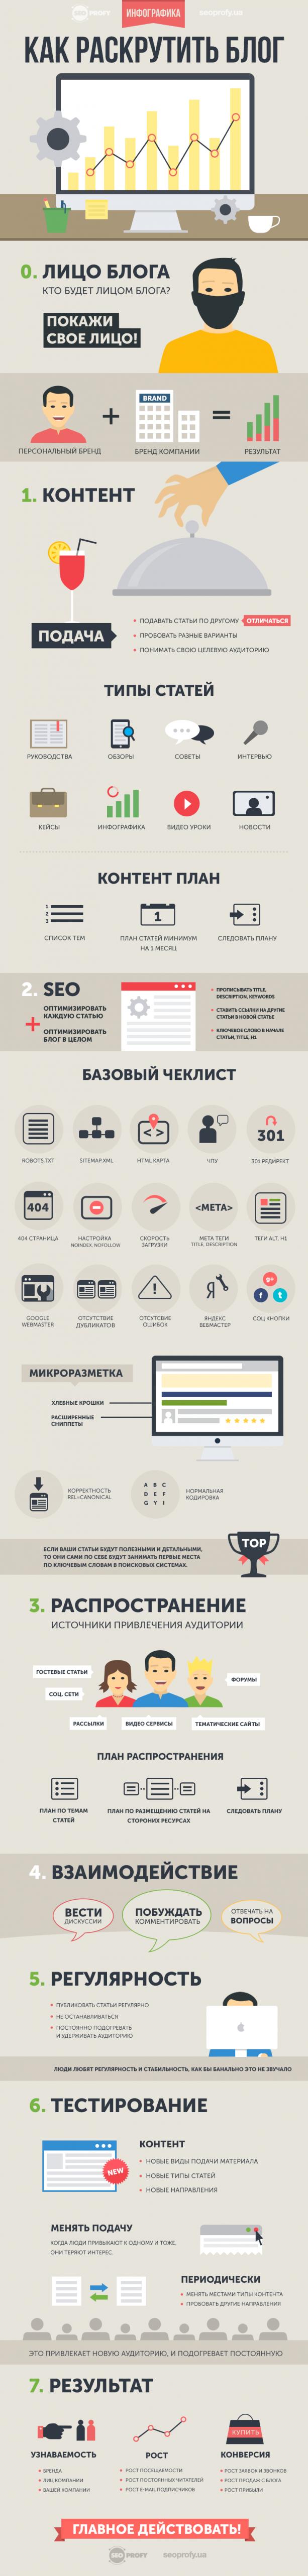 Инфографика: Как раскрутить блог — пошаговое руководство